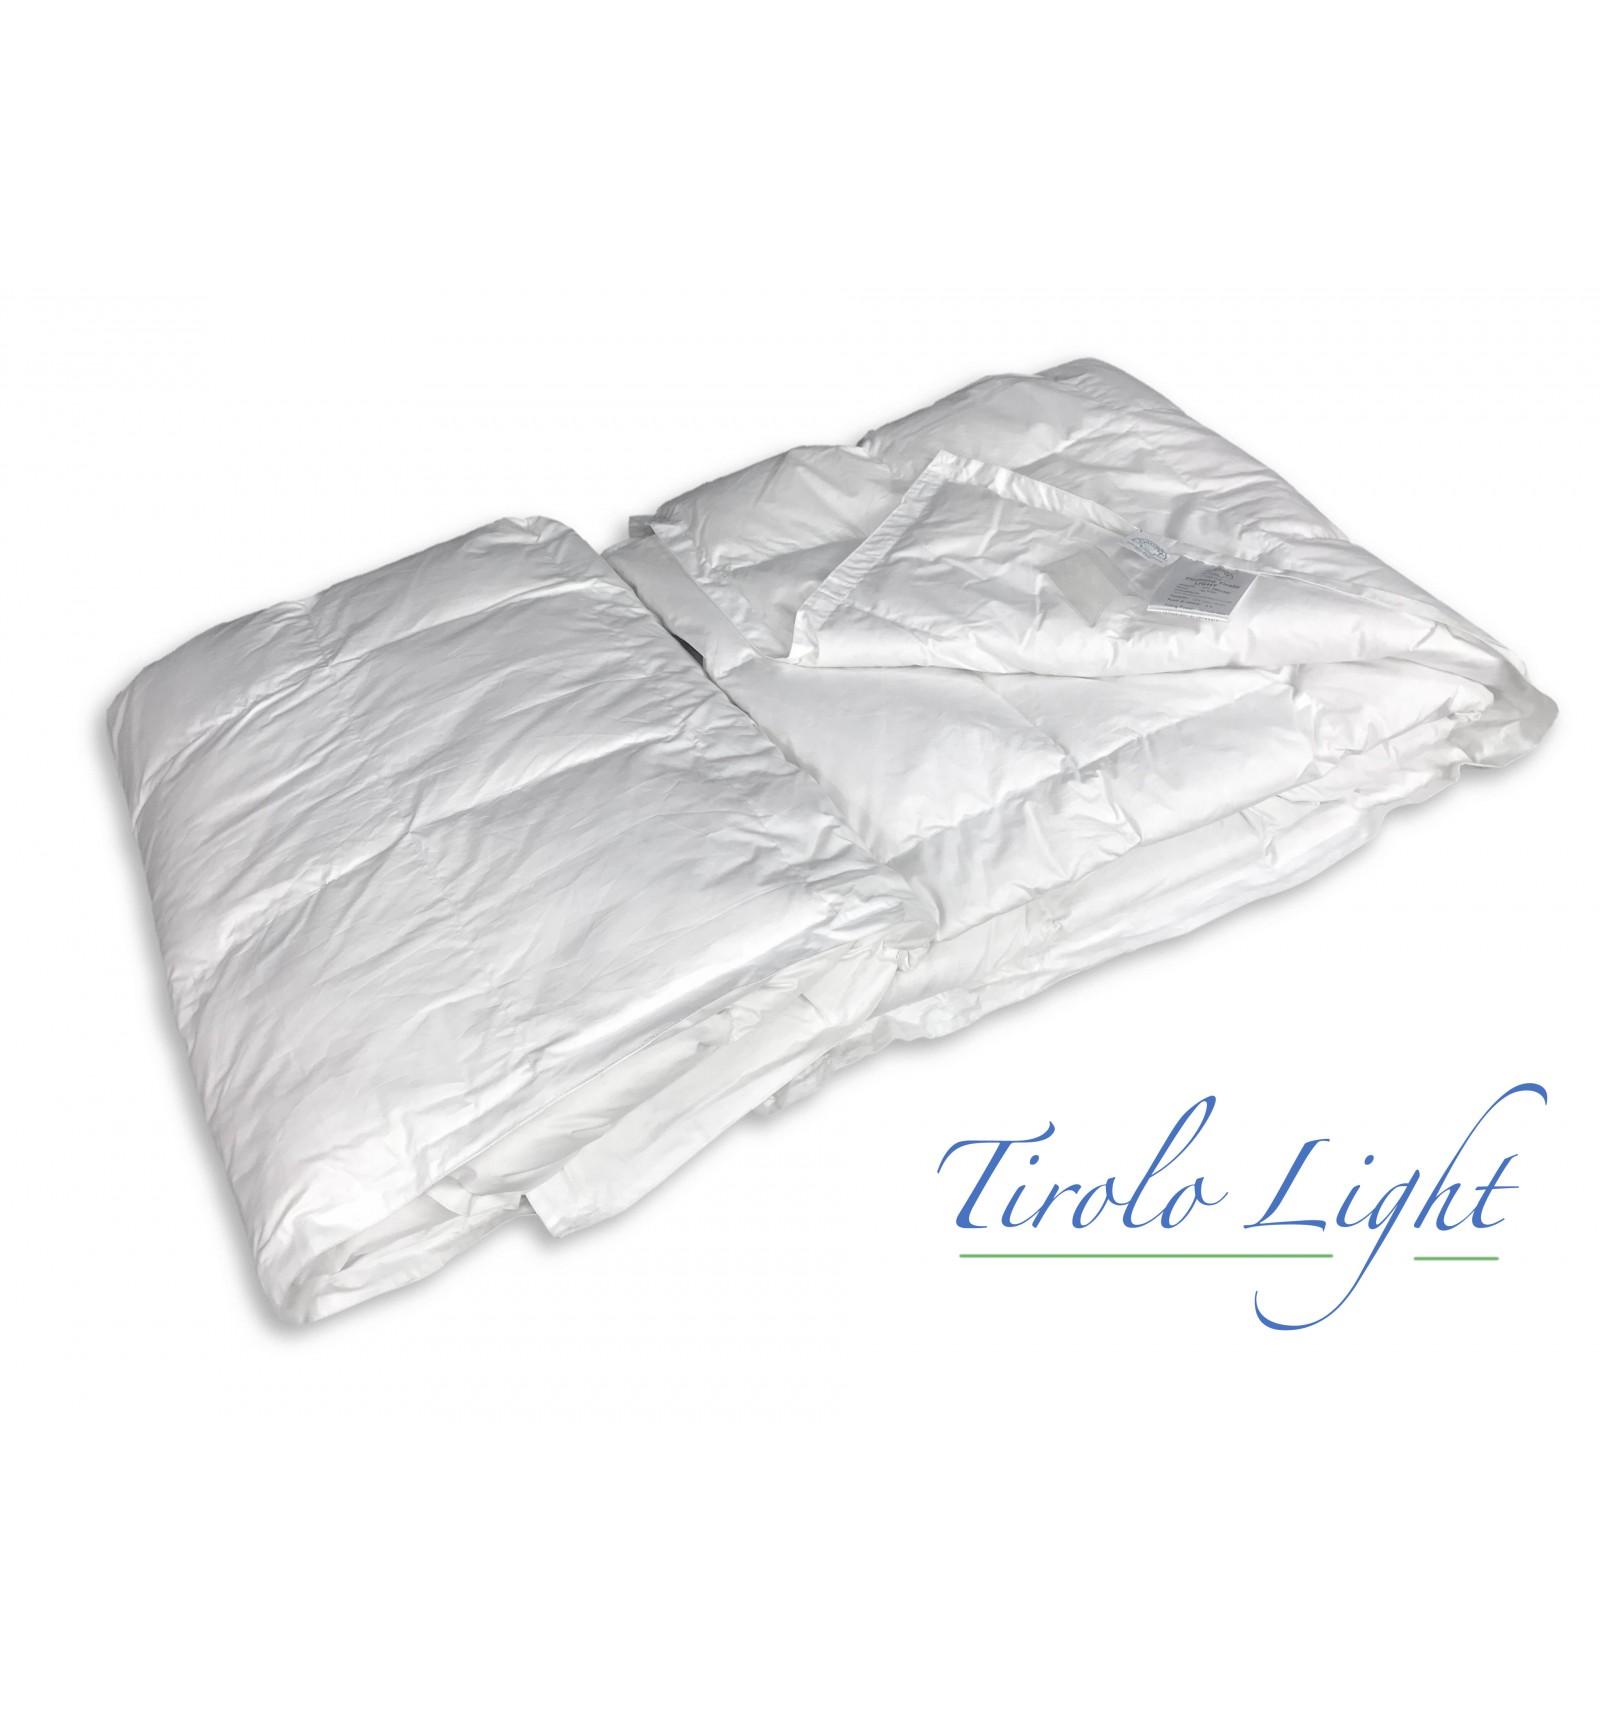 Piumino tirolo daunex in piuma d 39 oca estivo leggero indicato per la stagione pi calda - Piumino letto leggero ...